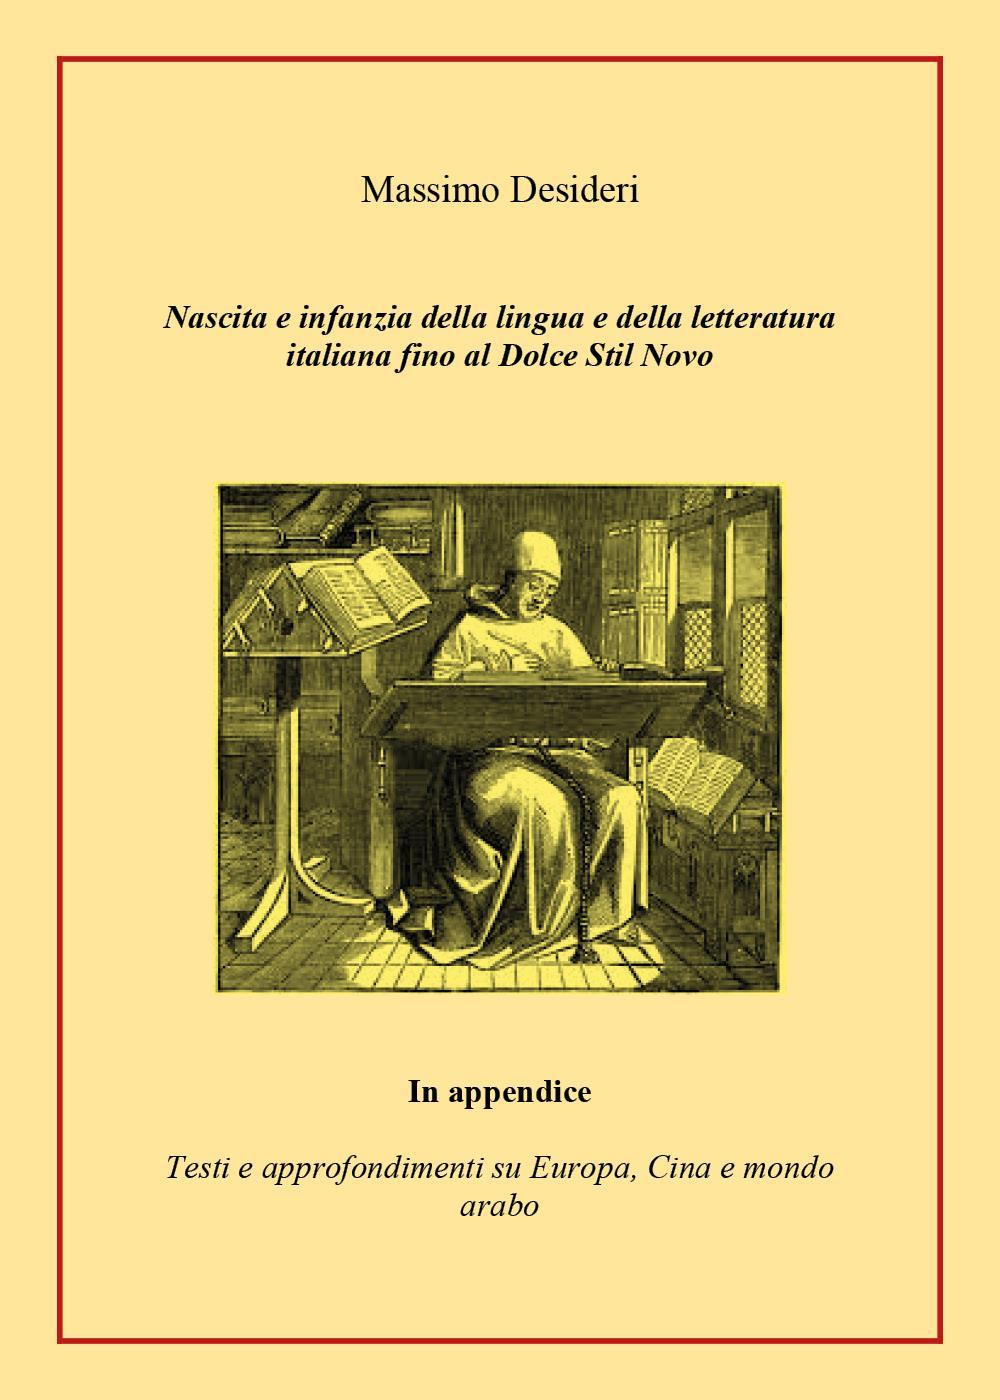 Nascita e infanzia della lingua e della letteratura italiana fino al Dolce Stil Novo